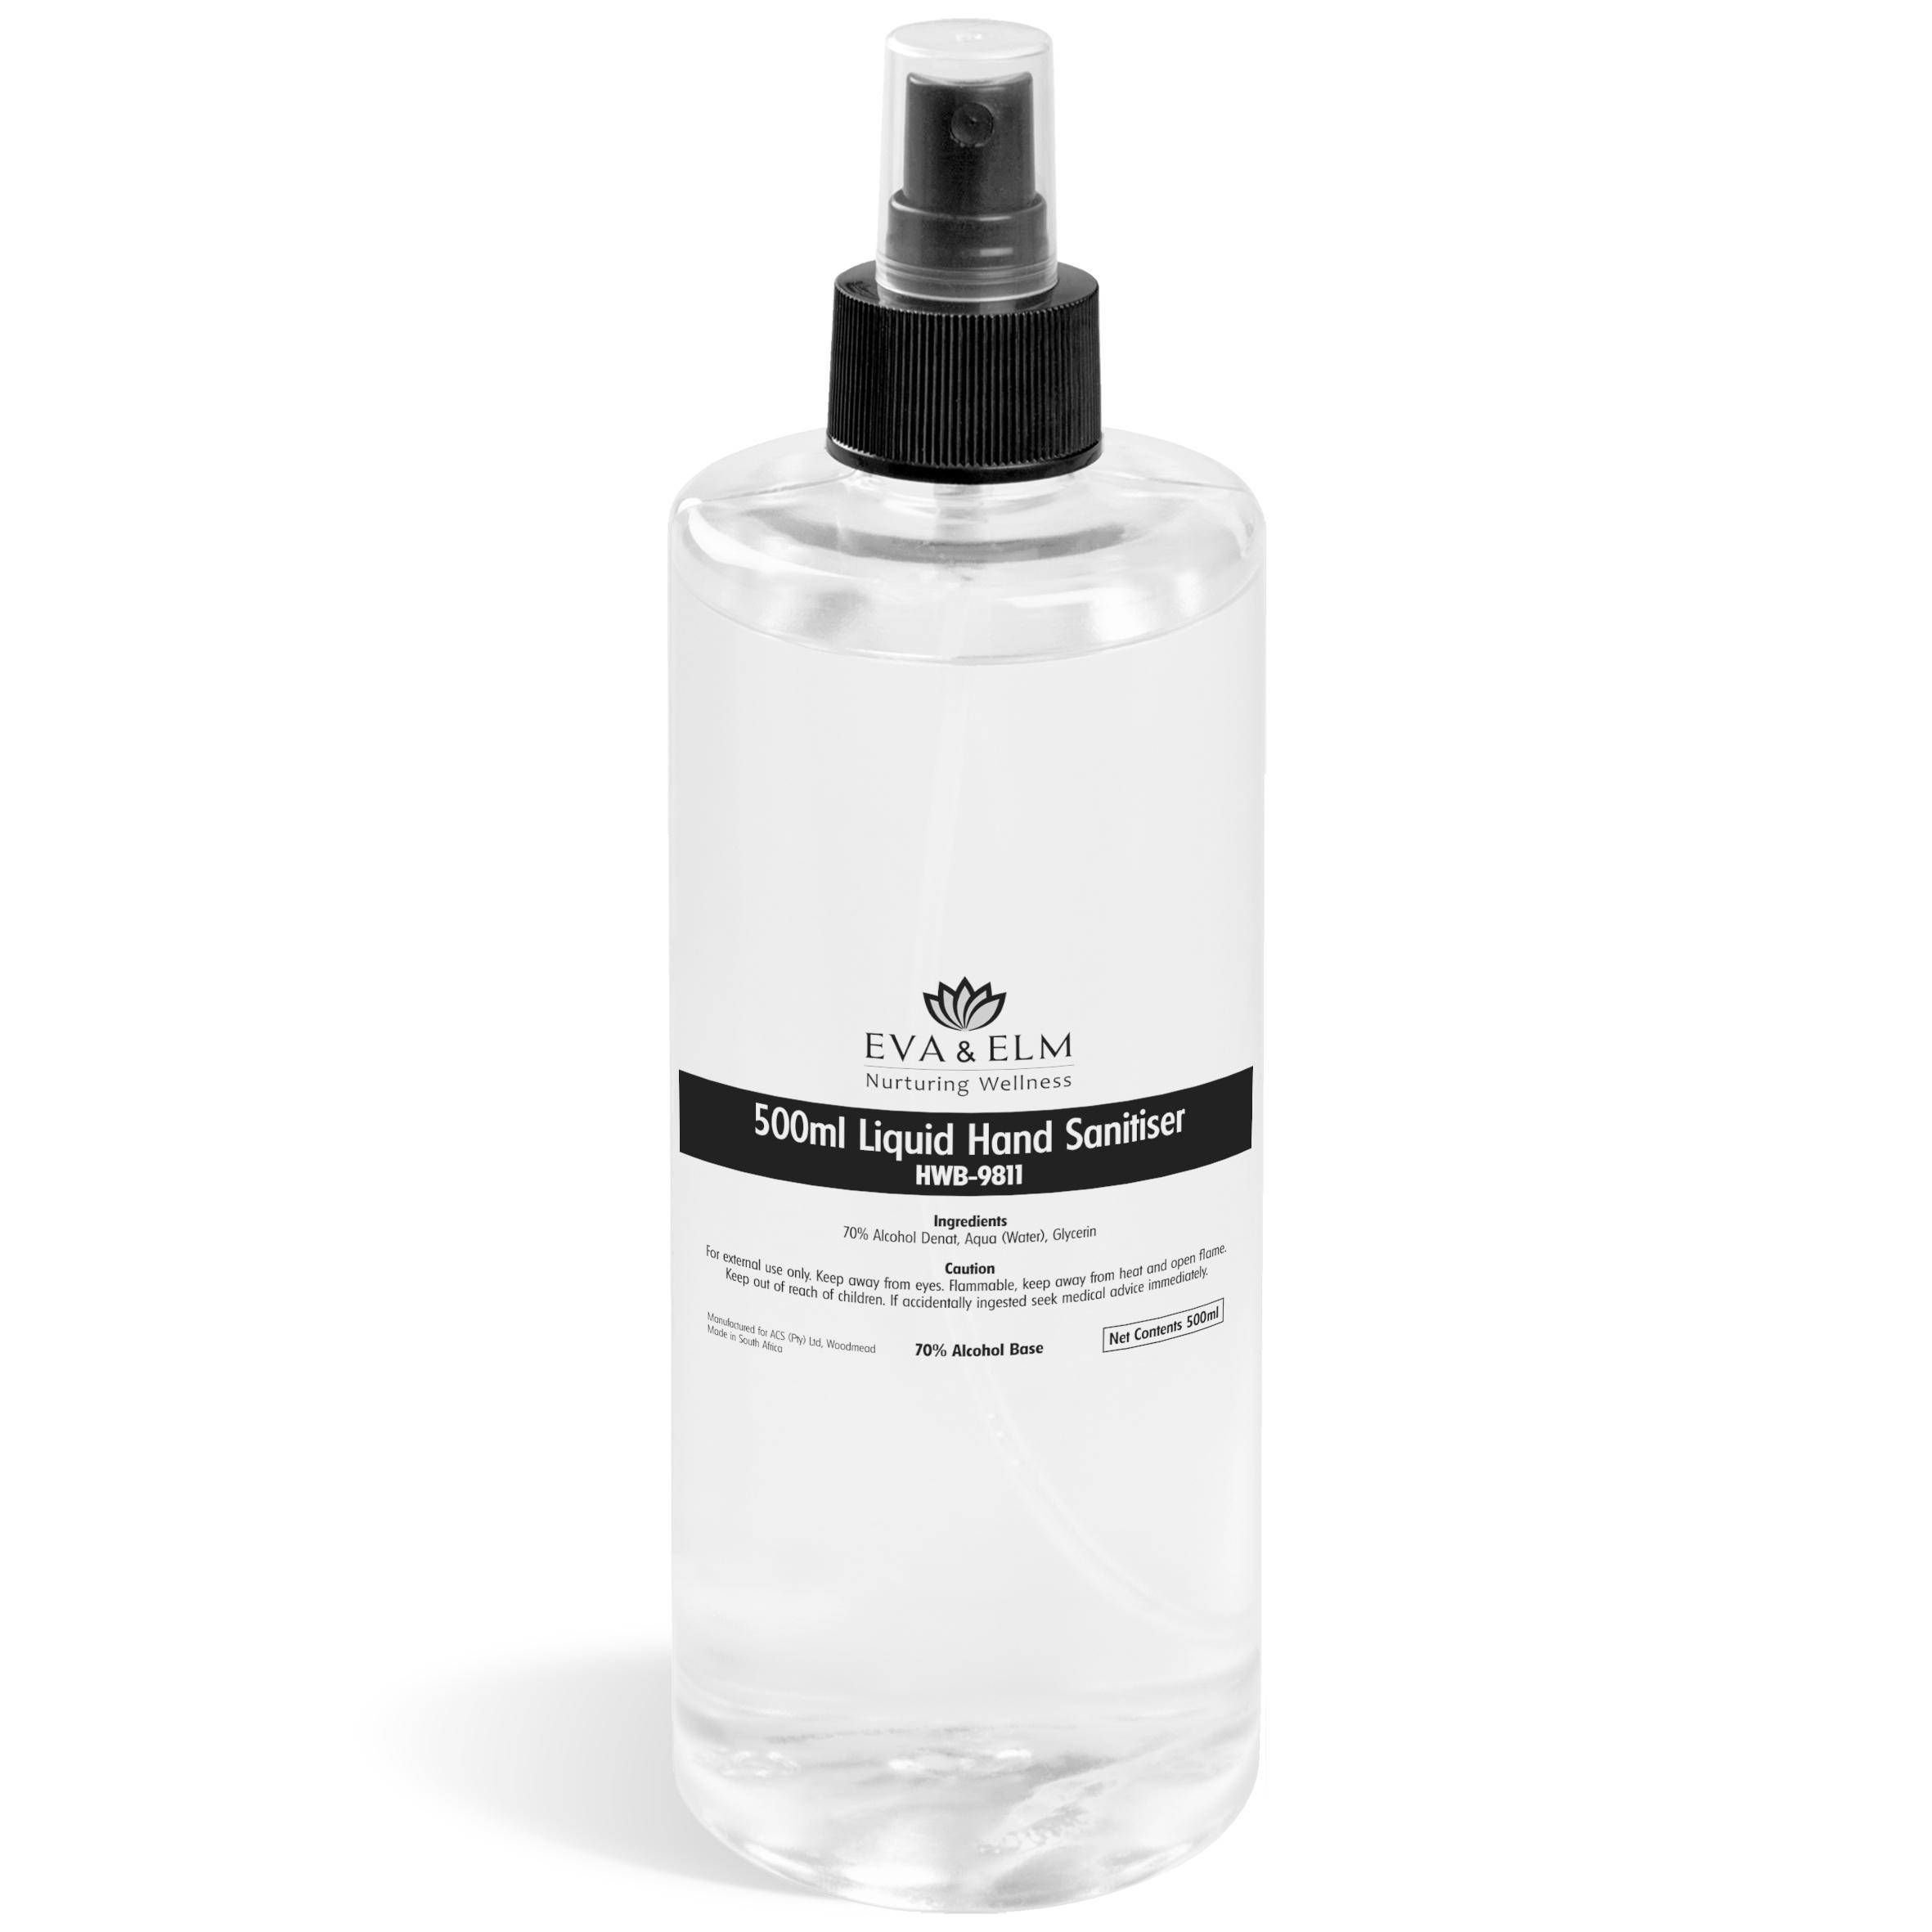 Eva & Elm Lunenberg Liquid Hand Sanitiser - 500ml